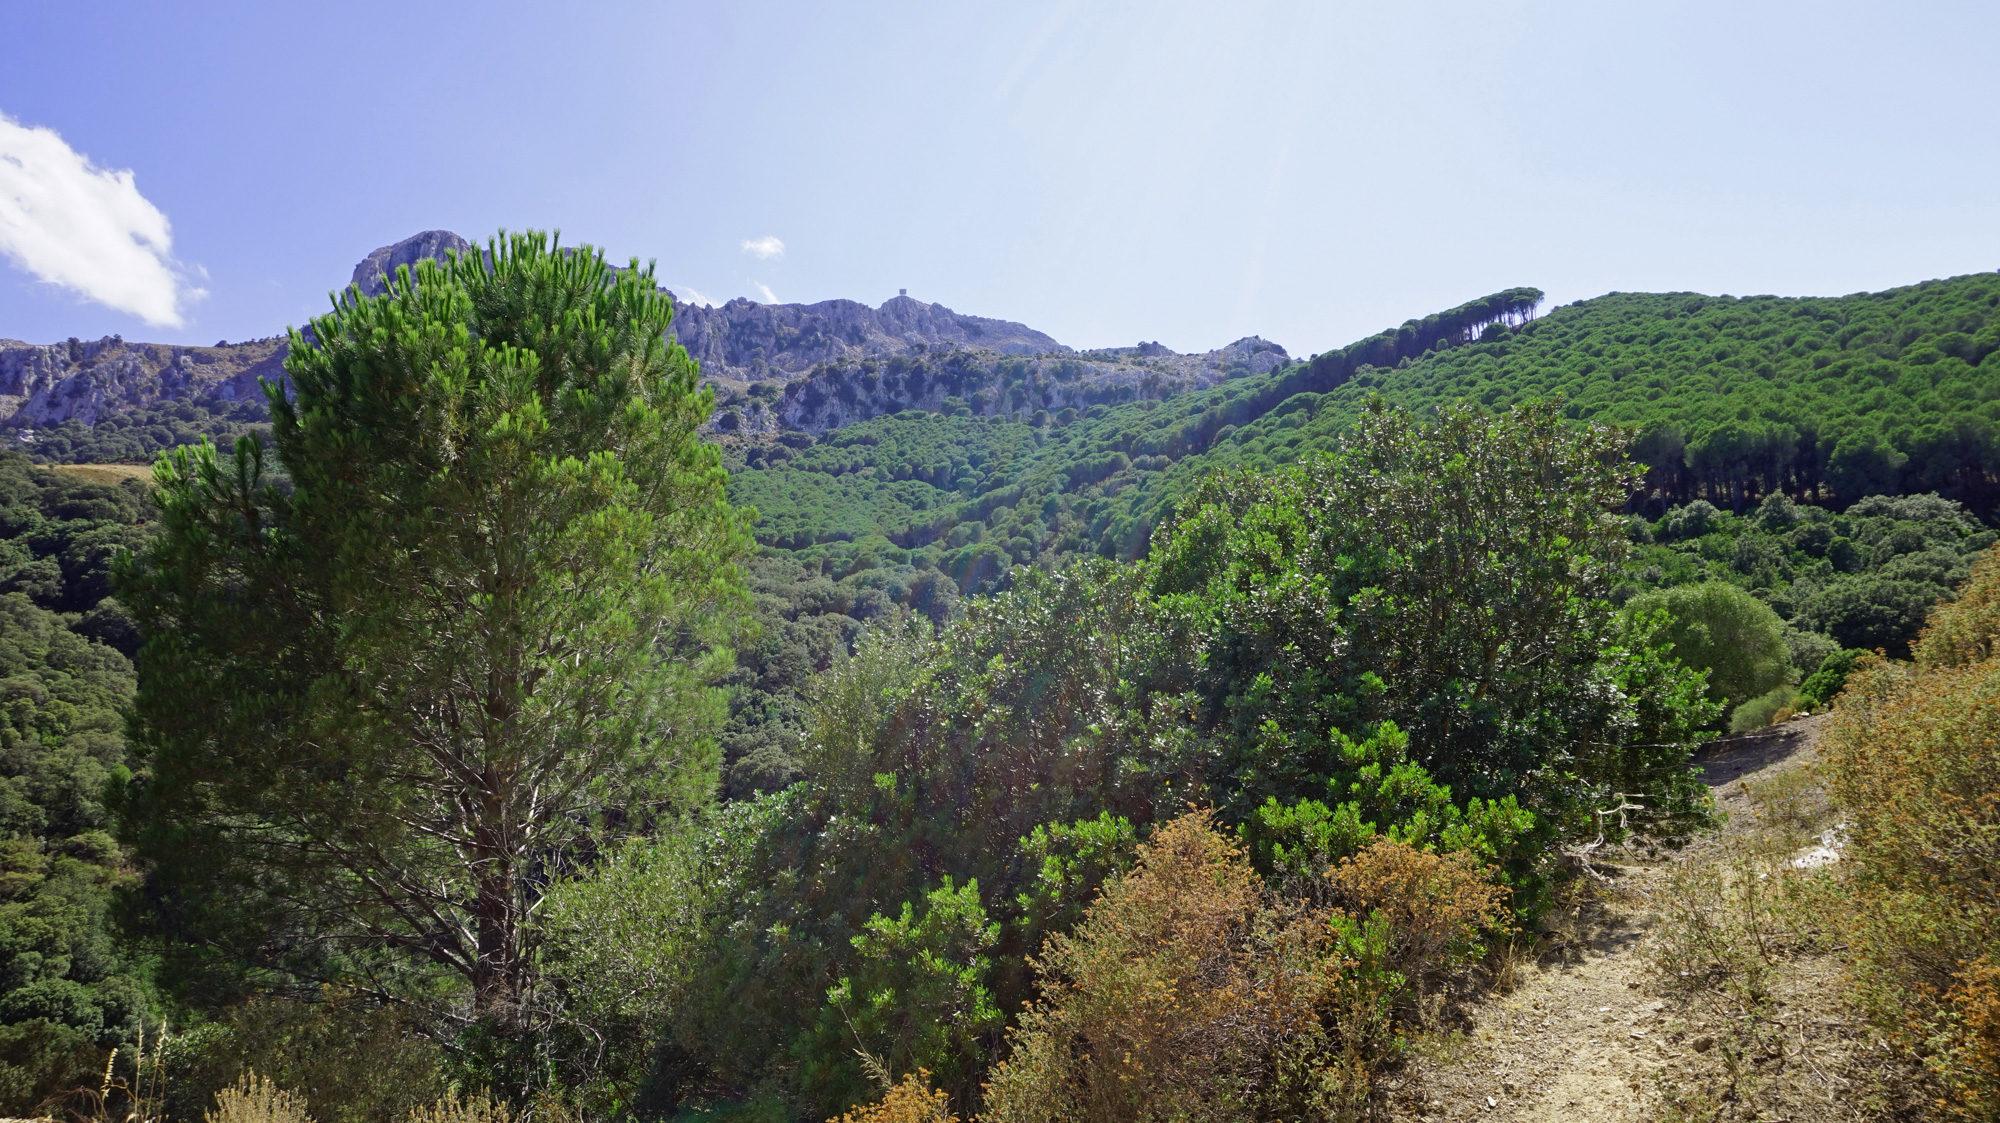 Wildes, bergiges Hinterland